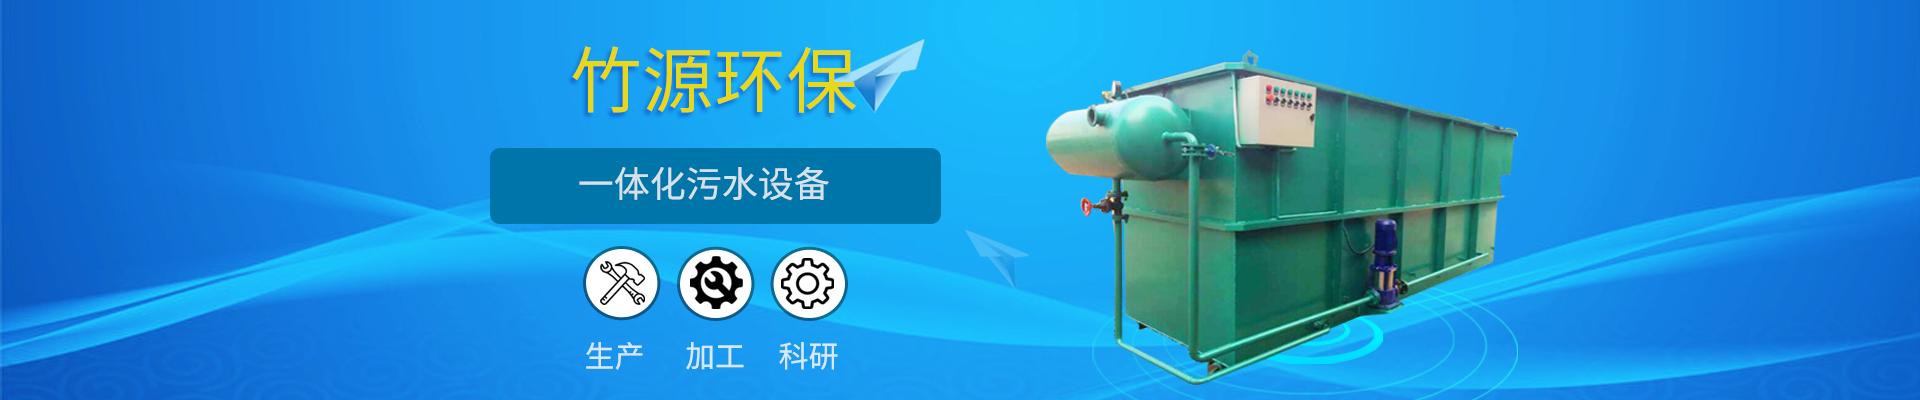 潍坊竹源环保设备有限公司